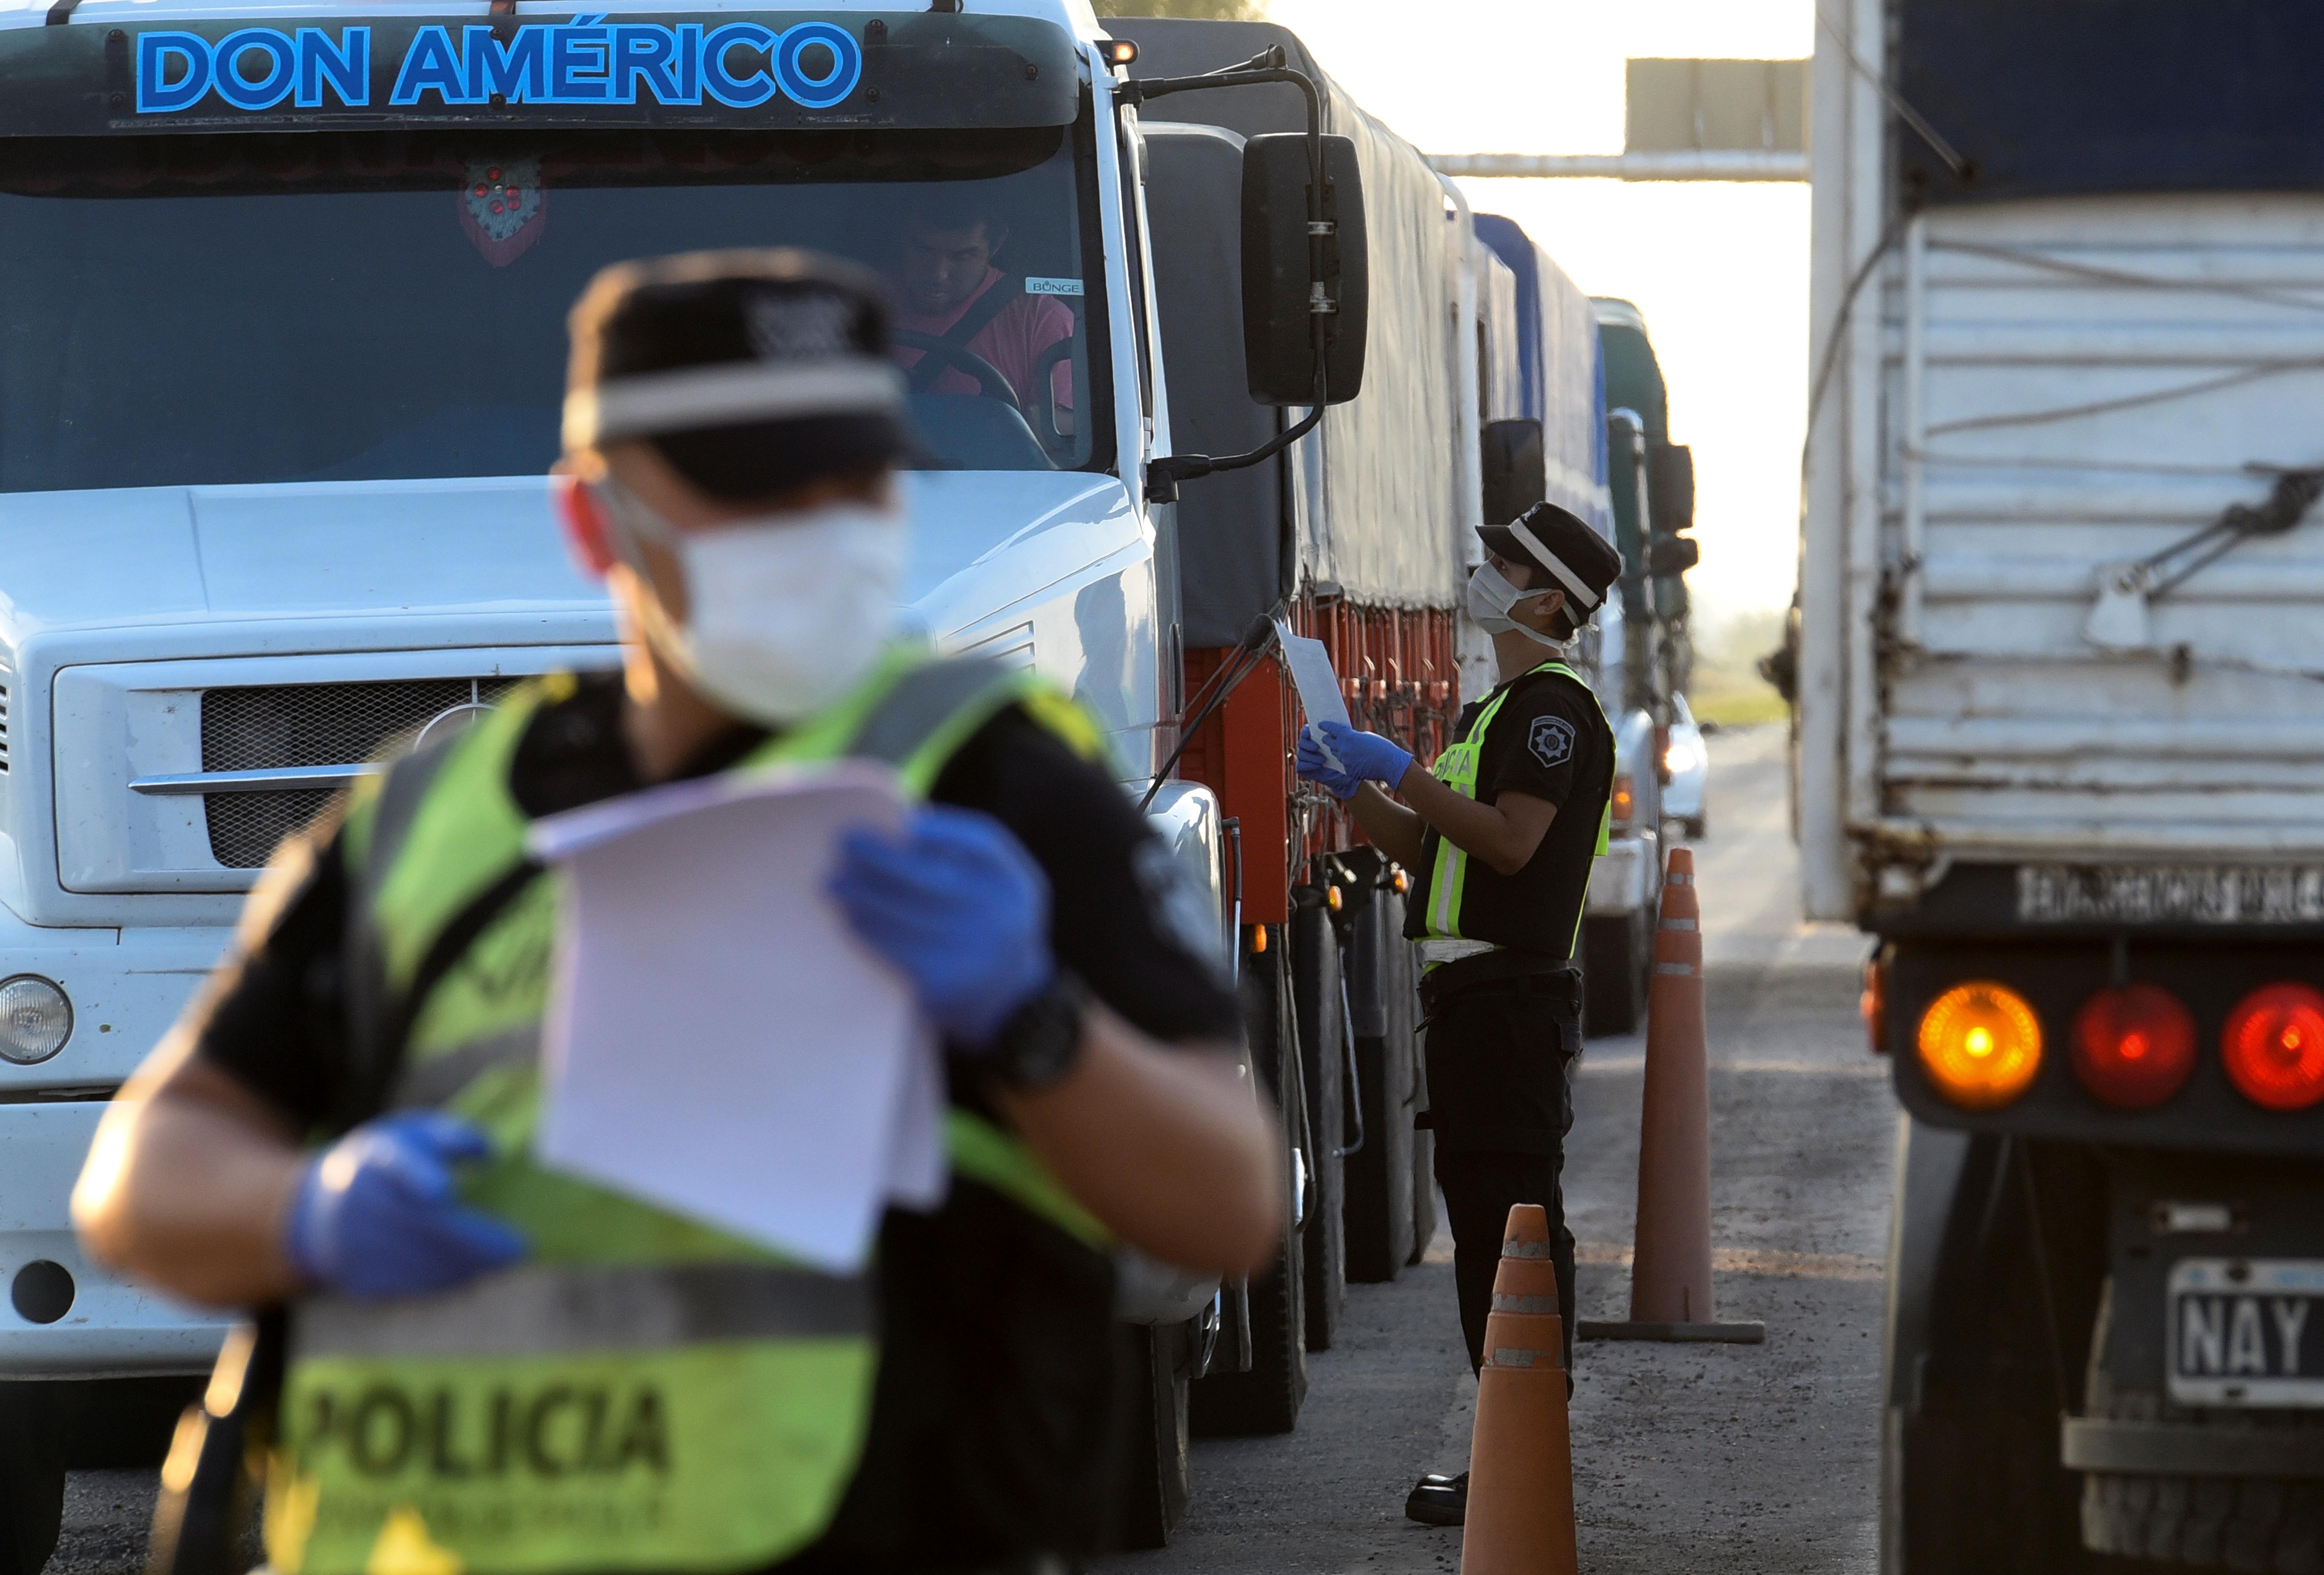 Un policía le pide el permiso para circular a un camionero, impedido de transportar sus granos debido al cierre de los cinco puertos cerealeros de la localidad de Timbúes, al sur de la provincia de Santa Fe. La medida fue tomada por Amaro González, el intendente local, hasta el 2 de abril. La imagen es en Iberlucea, un pueblo aledaño.